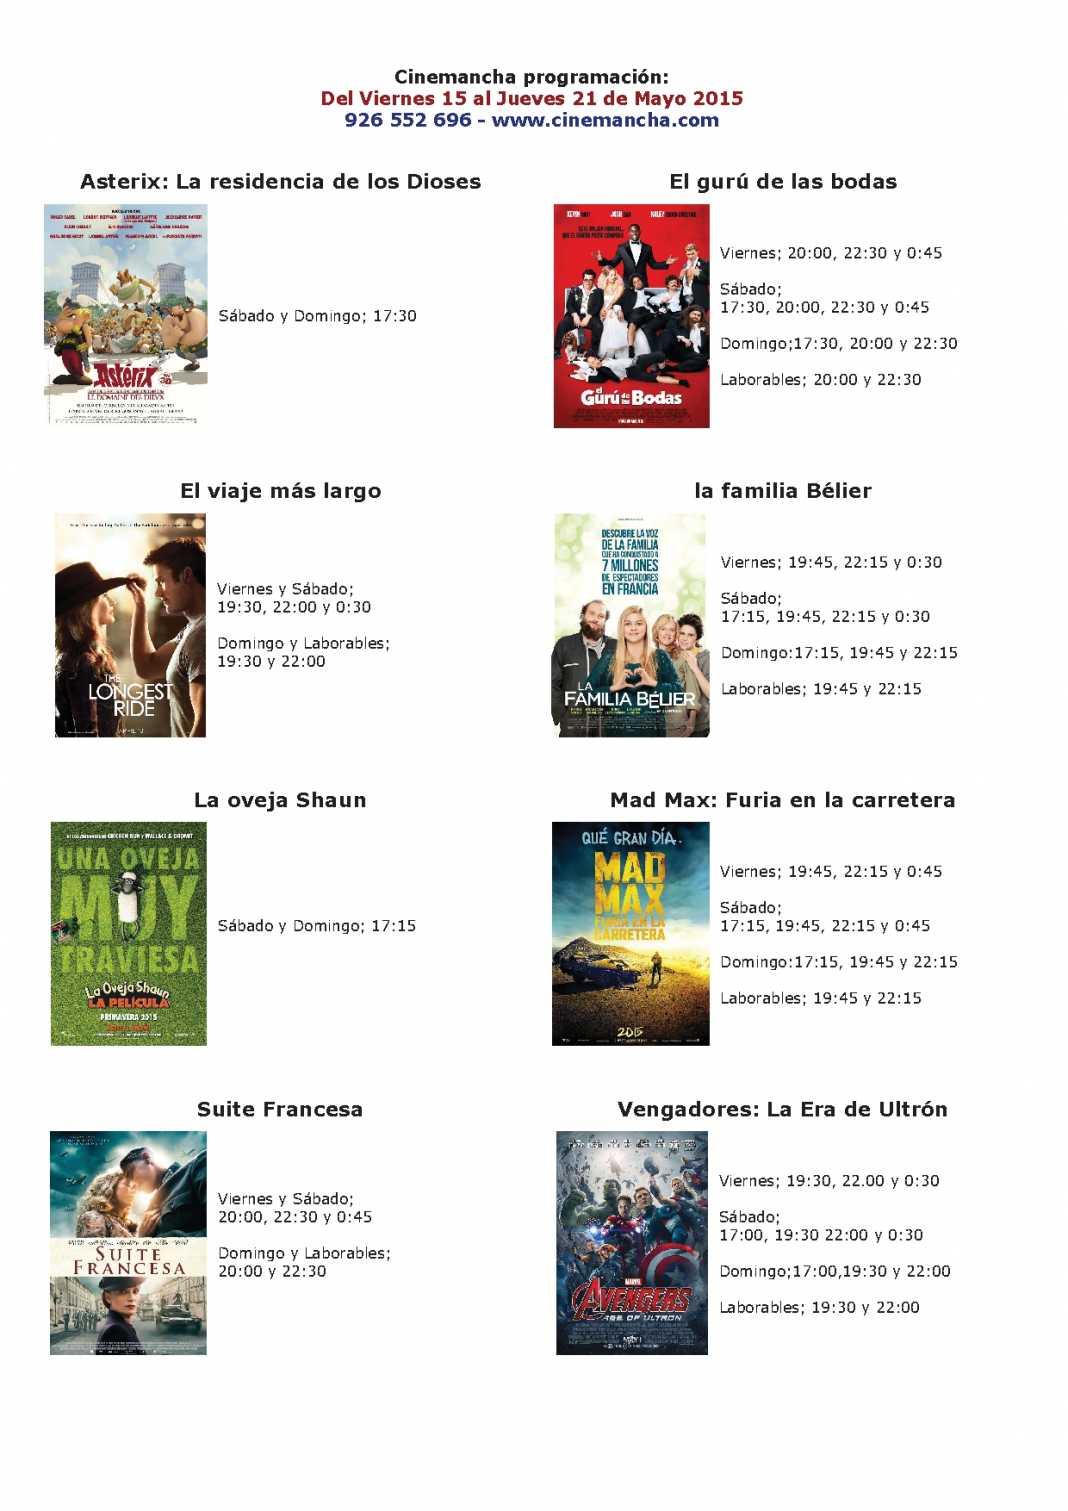 cartelera del 15 al 21 de mayo multicines cinemancha 1068x1511 - Cartelera del 15 al 21 de mayo Multicines Cinemancha